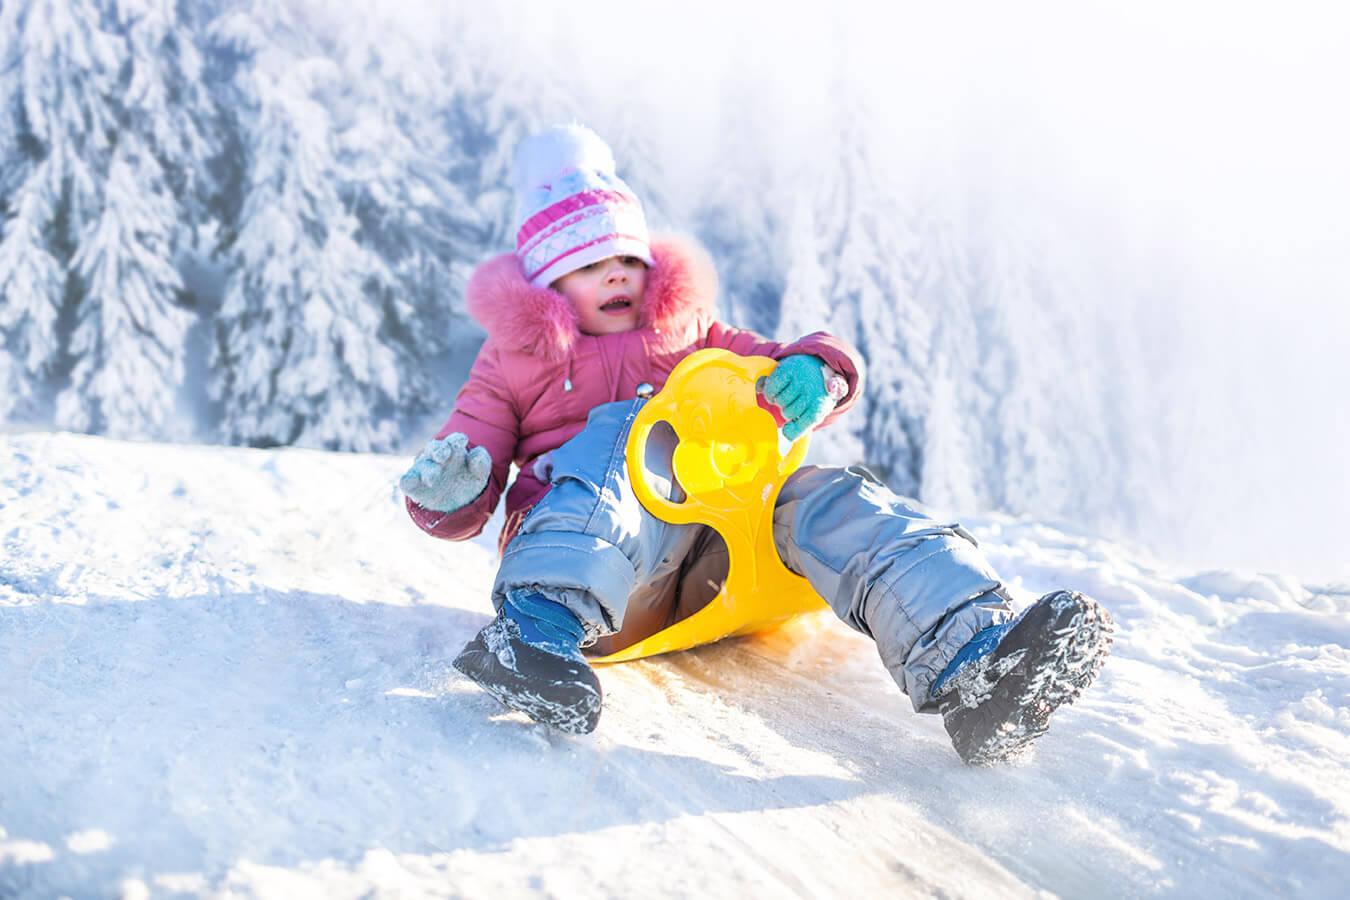 Zimowe buty dla dzieci ‒ jak odpowiednio dobrać?